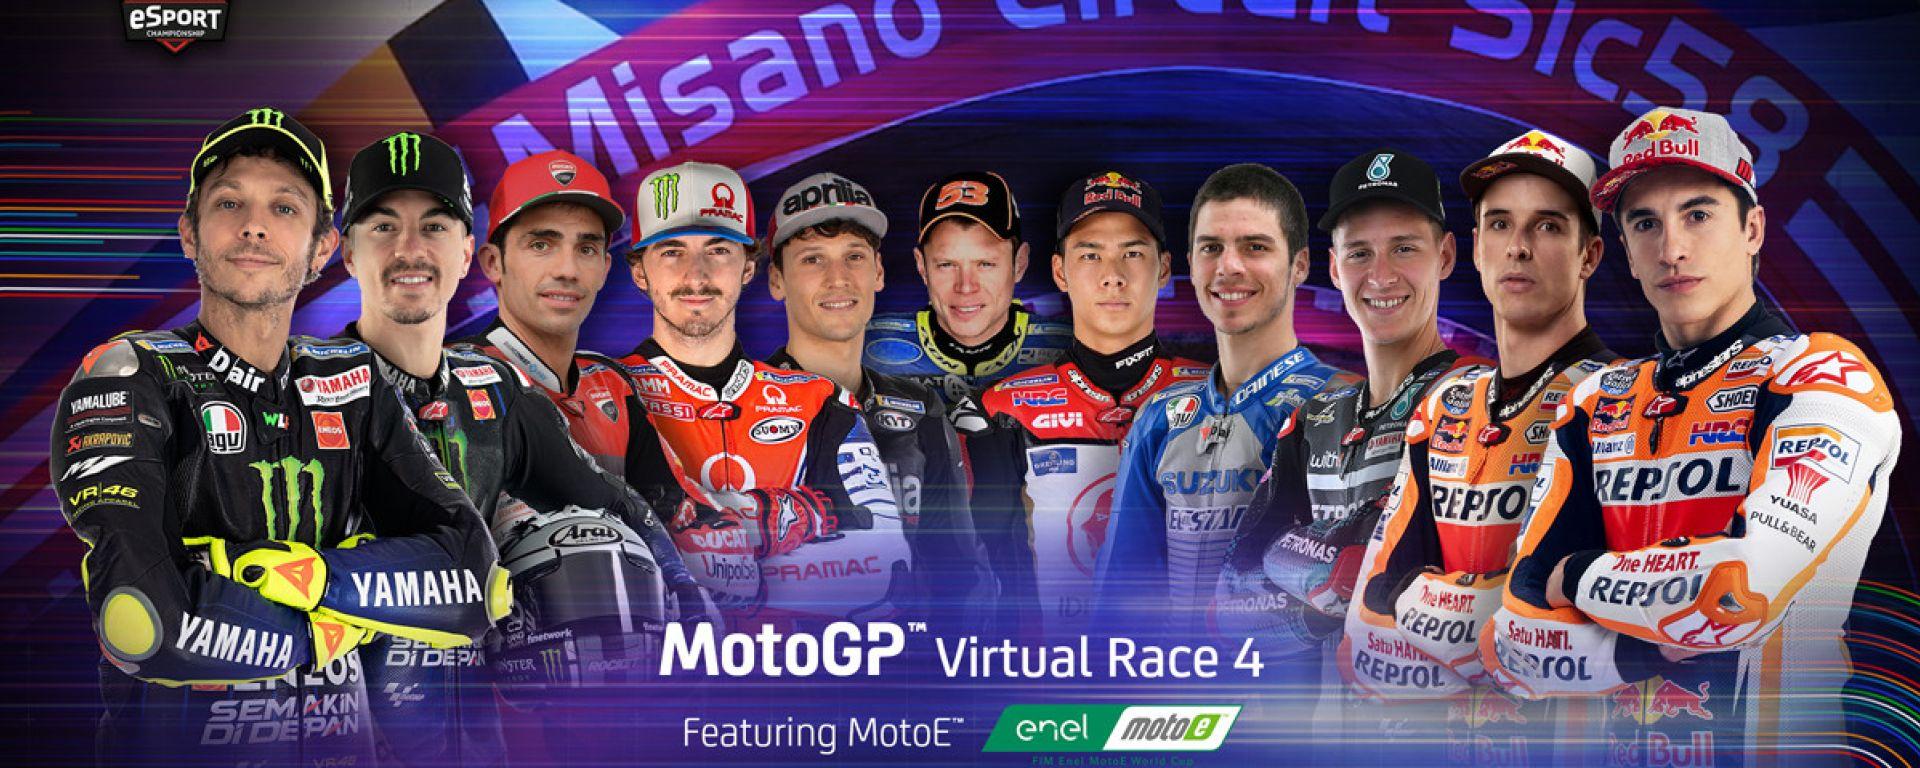 I partecipanti alla Virtual Race 4 di Misano Adriatico. Rossi e Marquez guidano la truppa